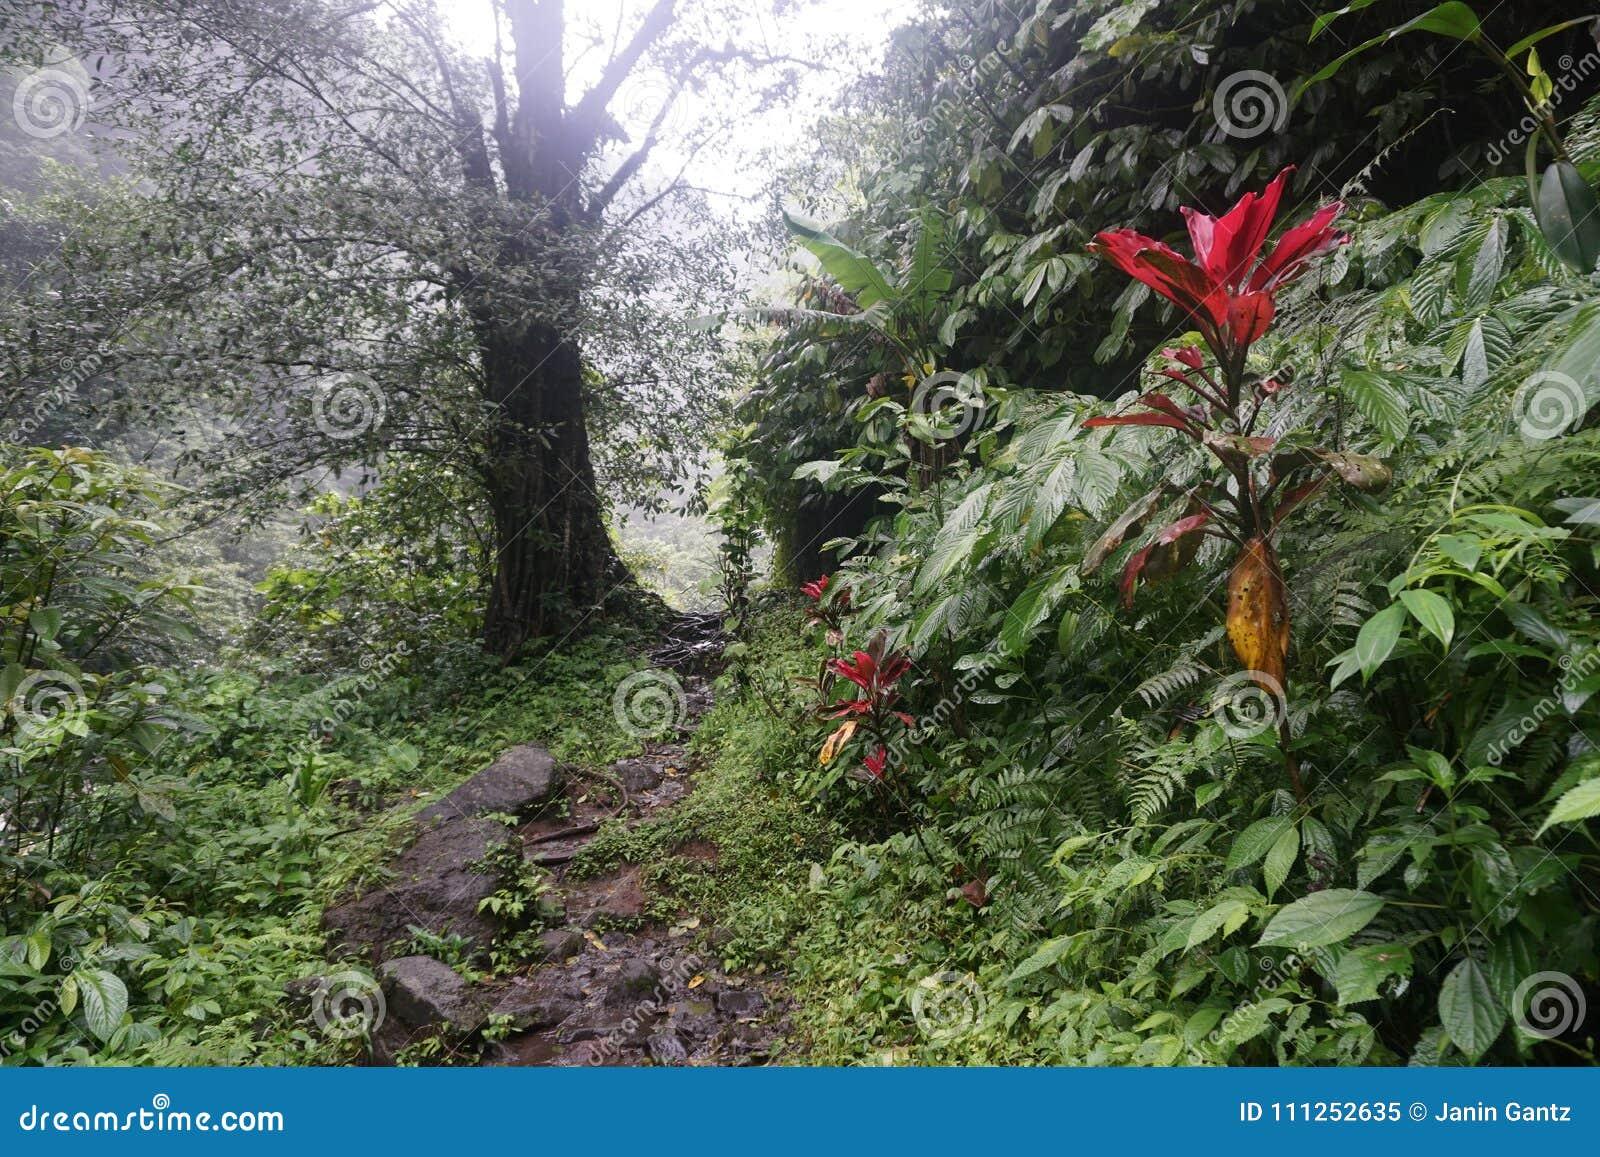 Ścieżka w dżungli podwyżce w Bali Indonezja prawdziwych zielonych roślinach i siklawie